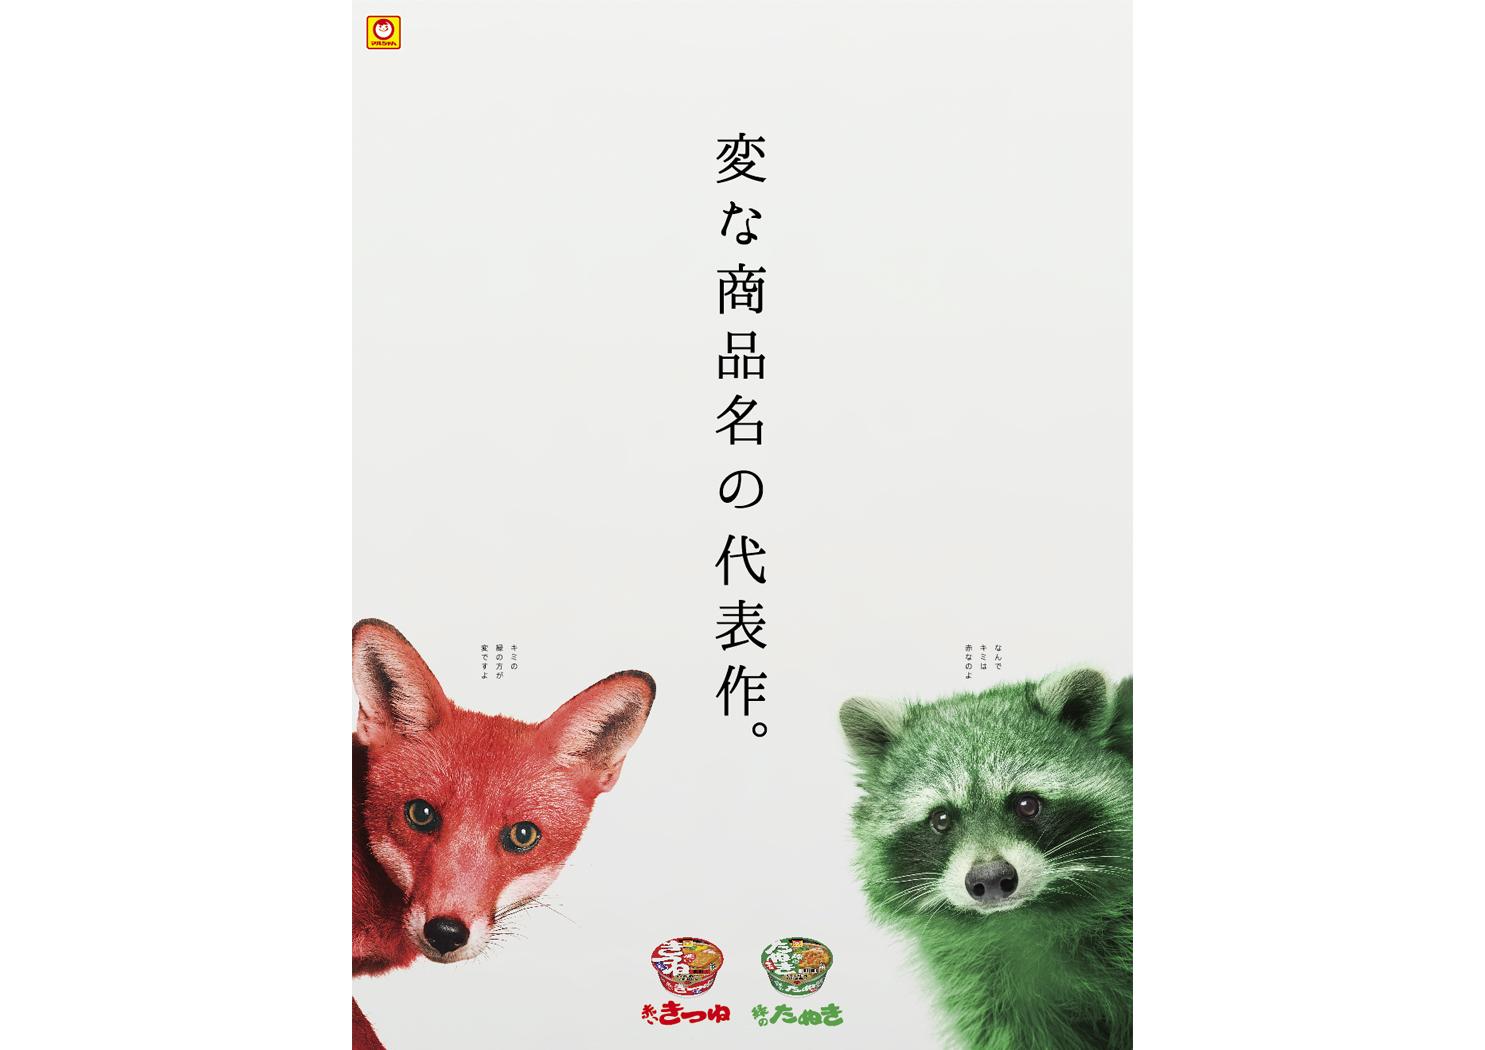 第33回読売広告大賞 入賞 newspaper